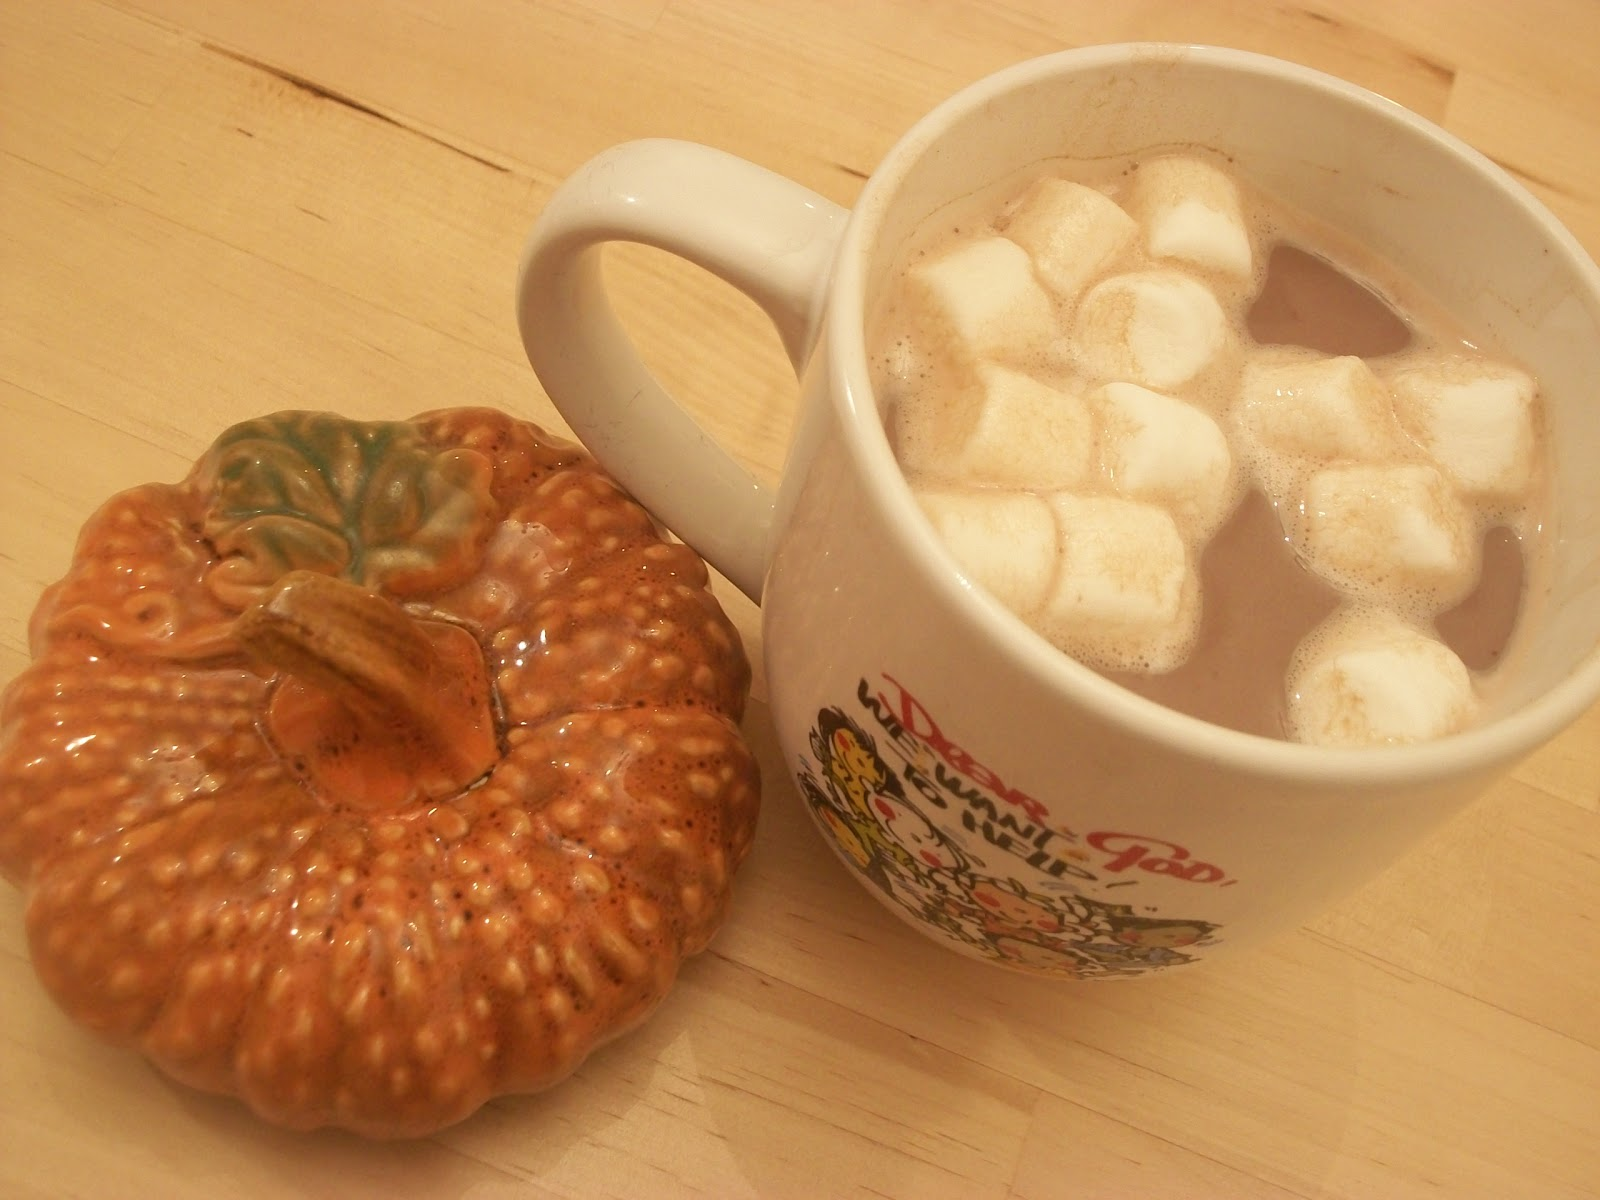 Homemade Pumpkin Spice Hot Cocoa